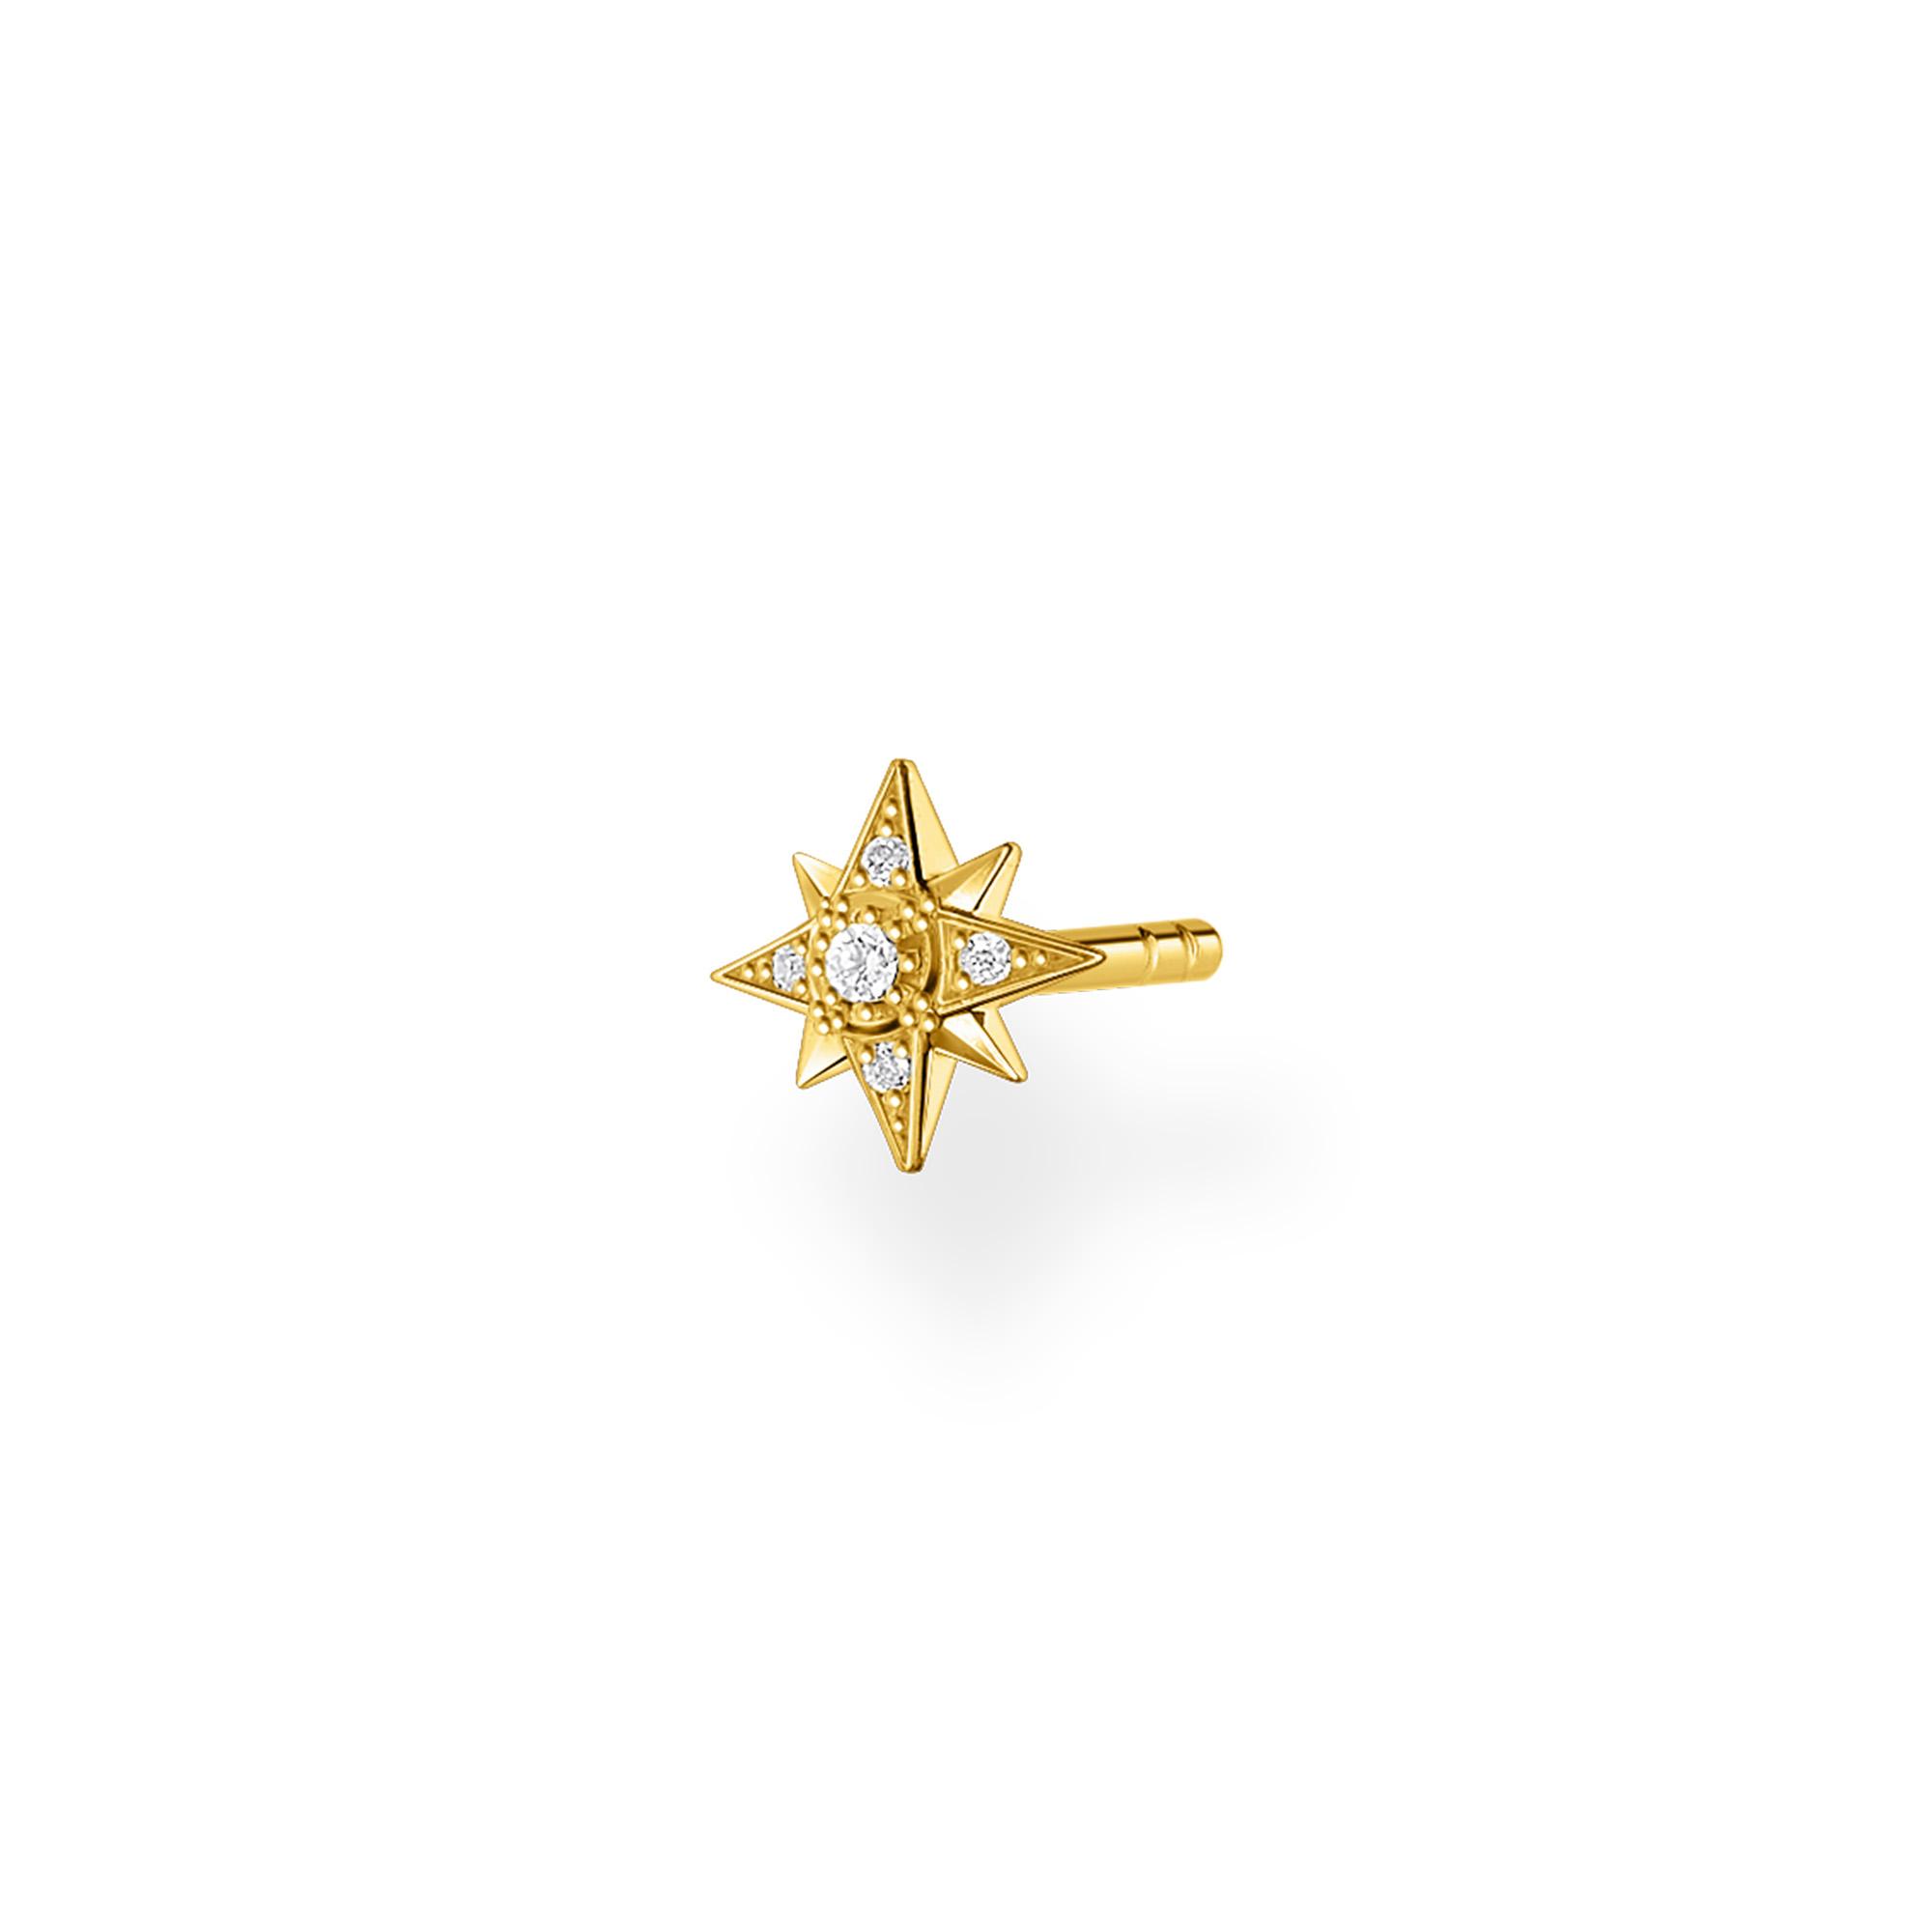 Clou d'oreille unique étoile or, Thomas Sabo